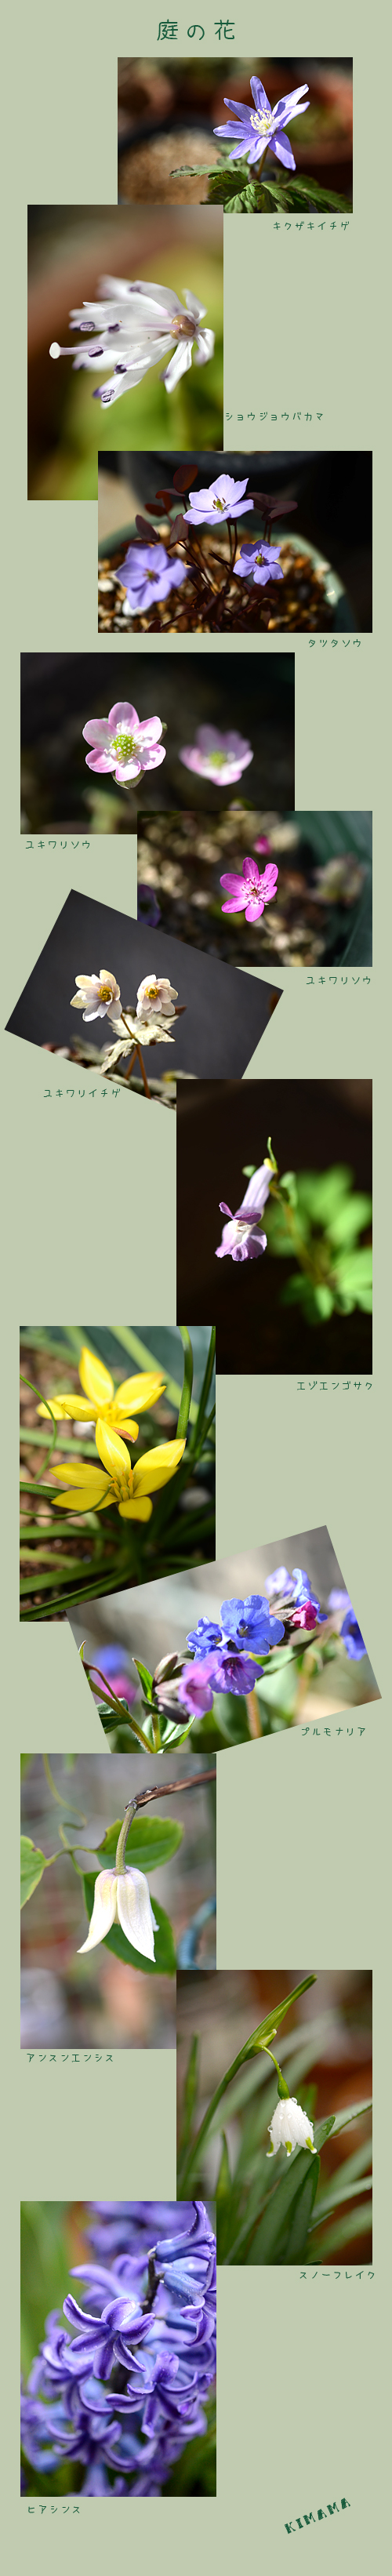 4月4日山野草